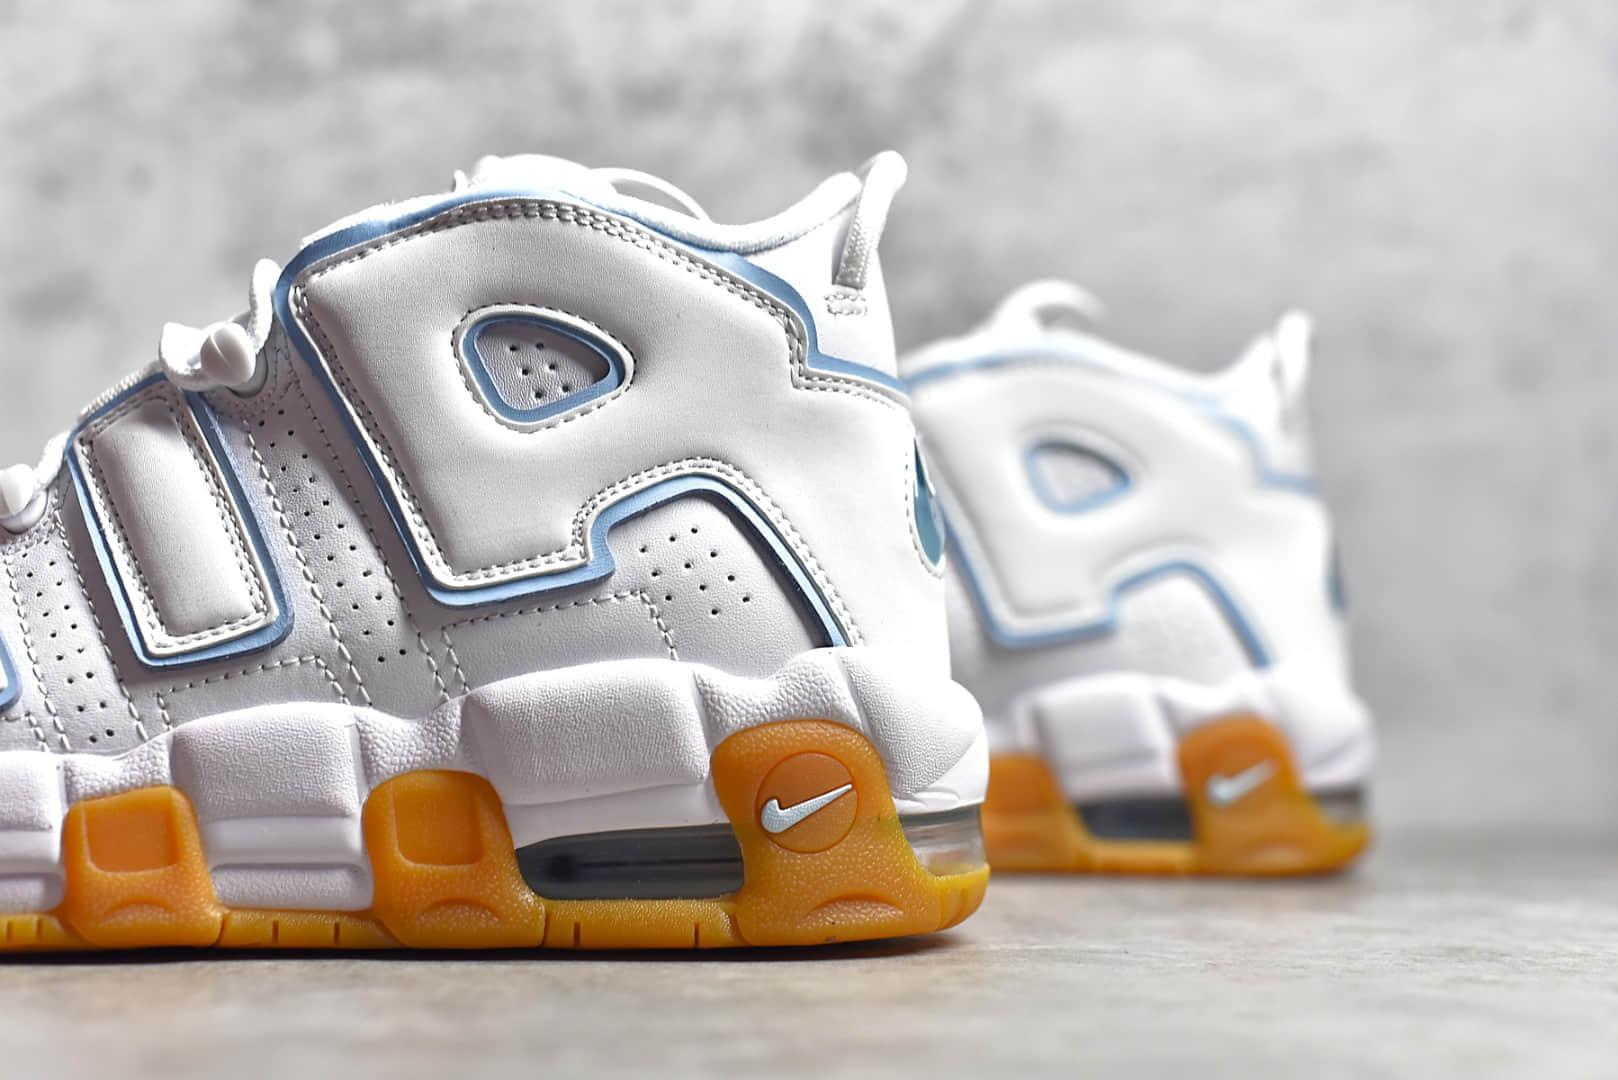 耐克皮蓬白薄荷实战篮球鞋 NIKE Wmns Air More Uptempo White Aqua Gum 莆田耐克皮蓬顶级复刻 货号:415082-107-潮流者之家